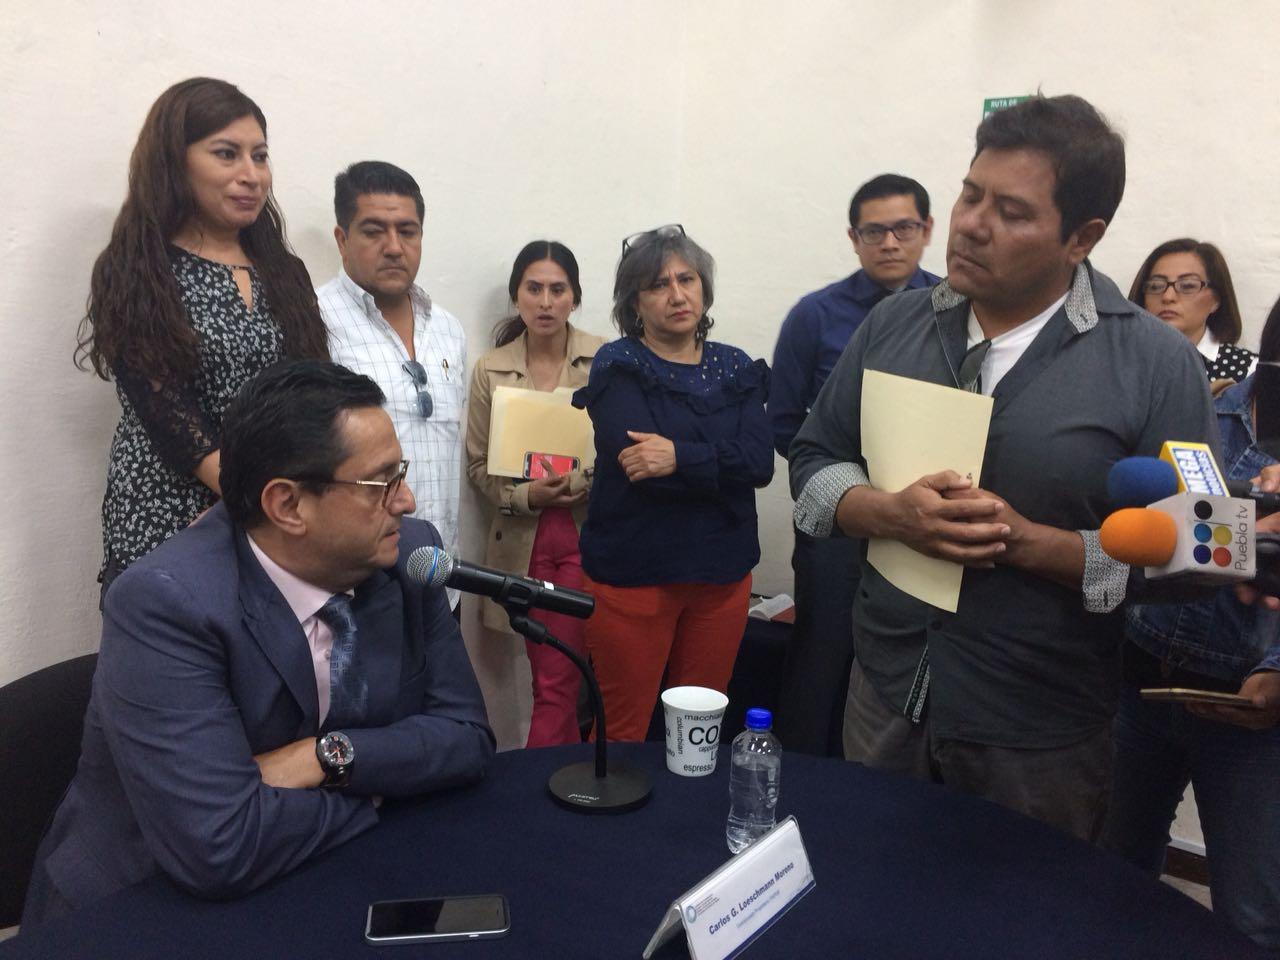 Imparcialidad, pide ciudadano a comisionados del ITAIPUE